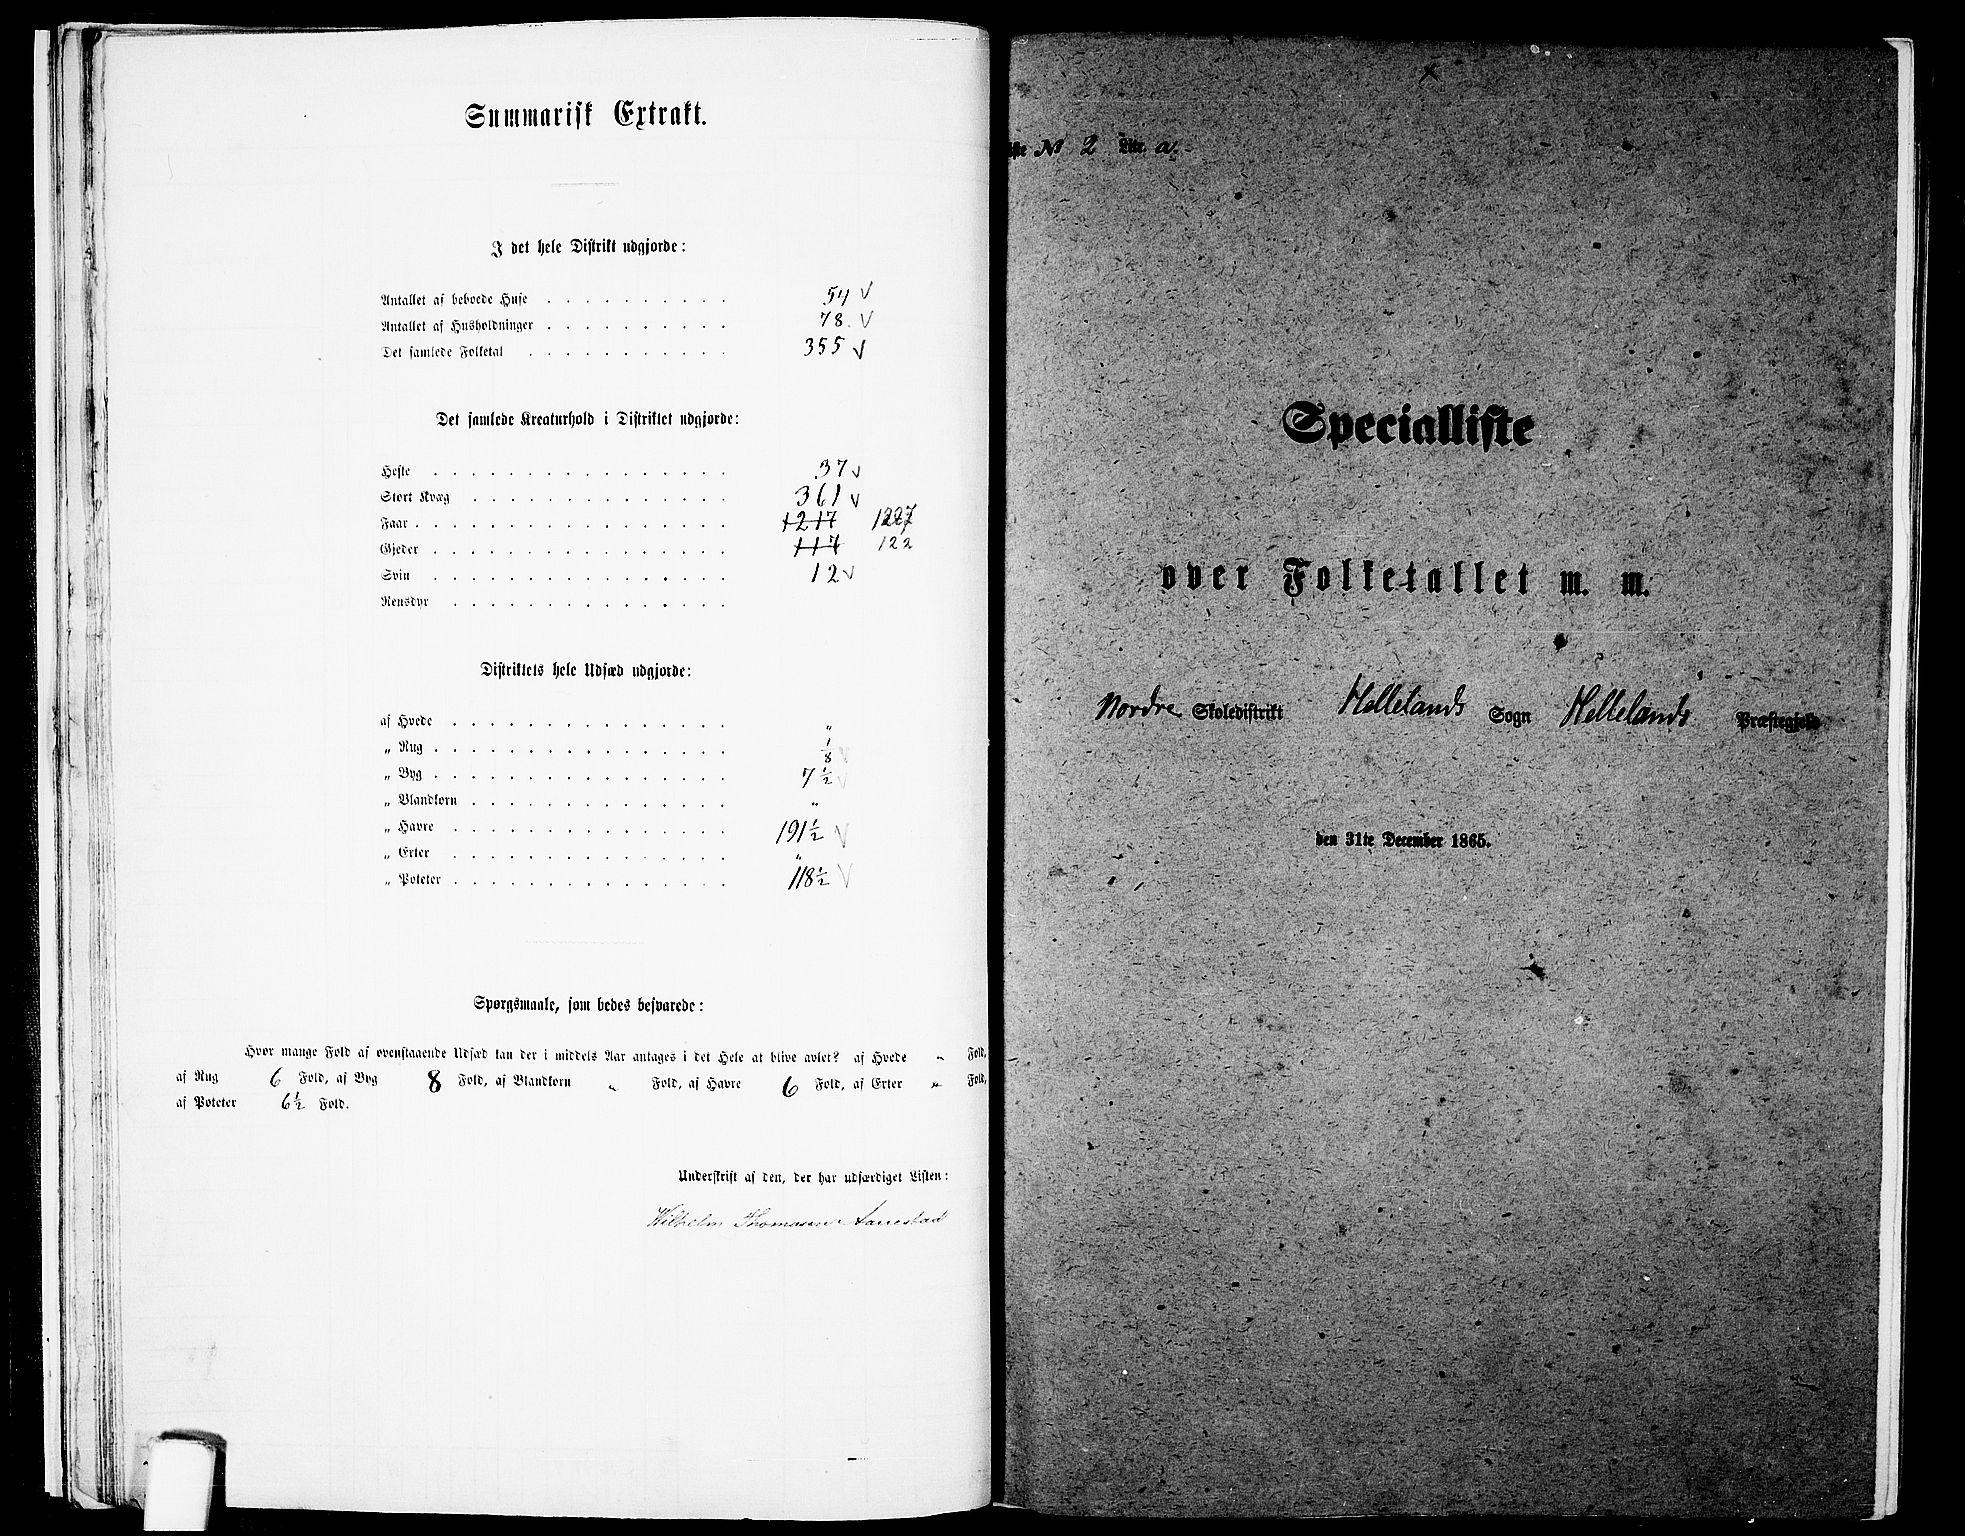 RA, Folketelling 1865 for 1115P Helleland prestegjeld, 1865, s. 24